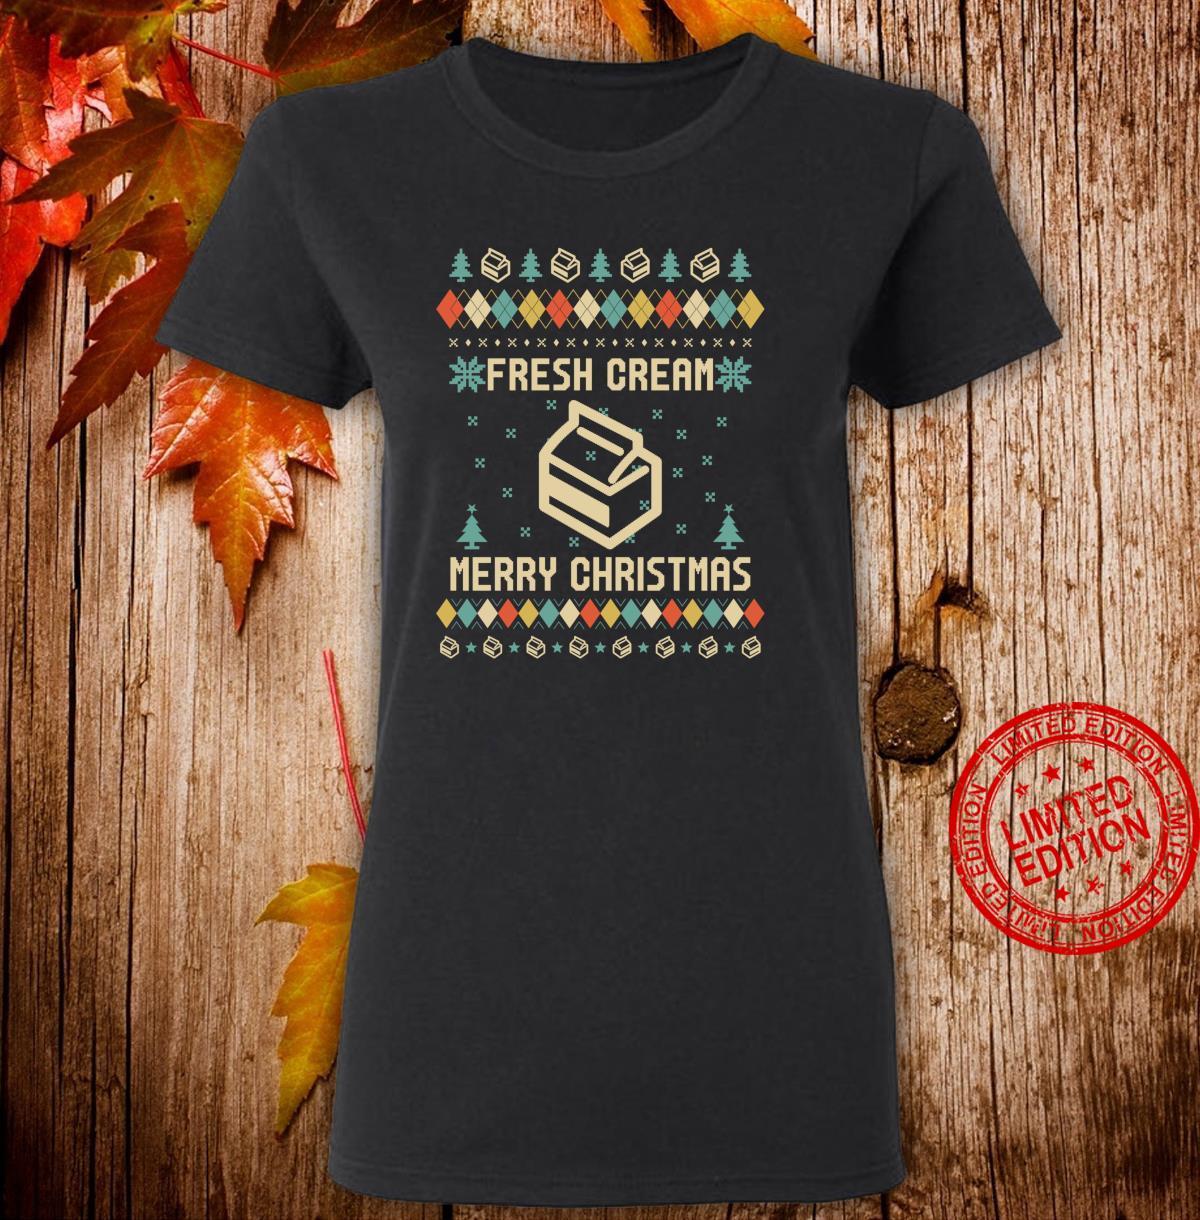 FRESH CREAM Ugly Christmas Vintage Retro Shirt ladies tee